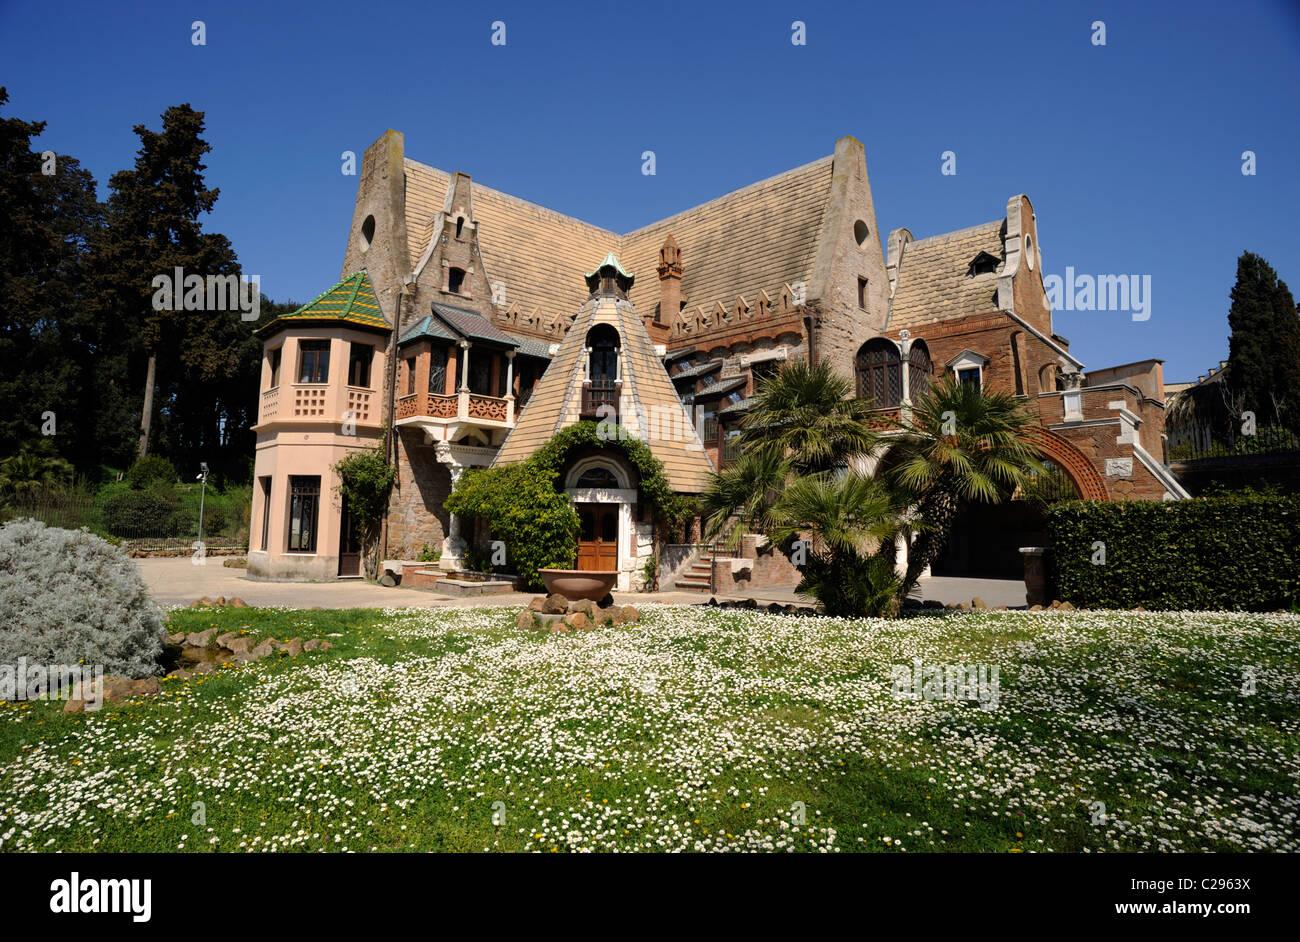 Italia, Roma, Villa Torlonia, casa delle civette, stile liberty edificio art nouveau Immagini Stock